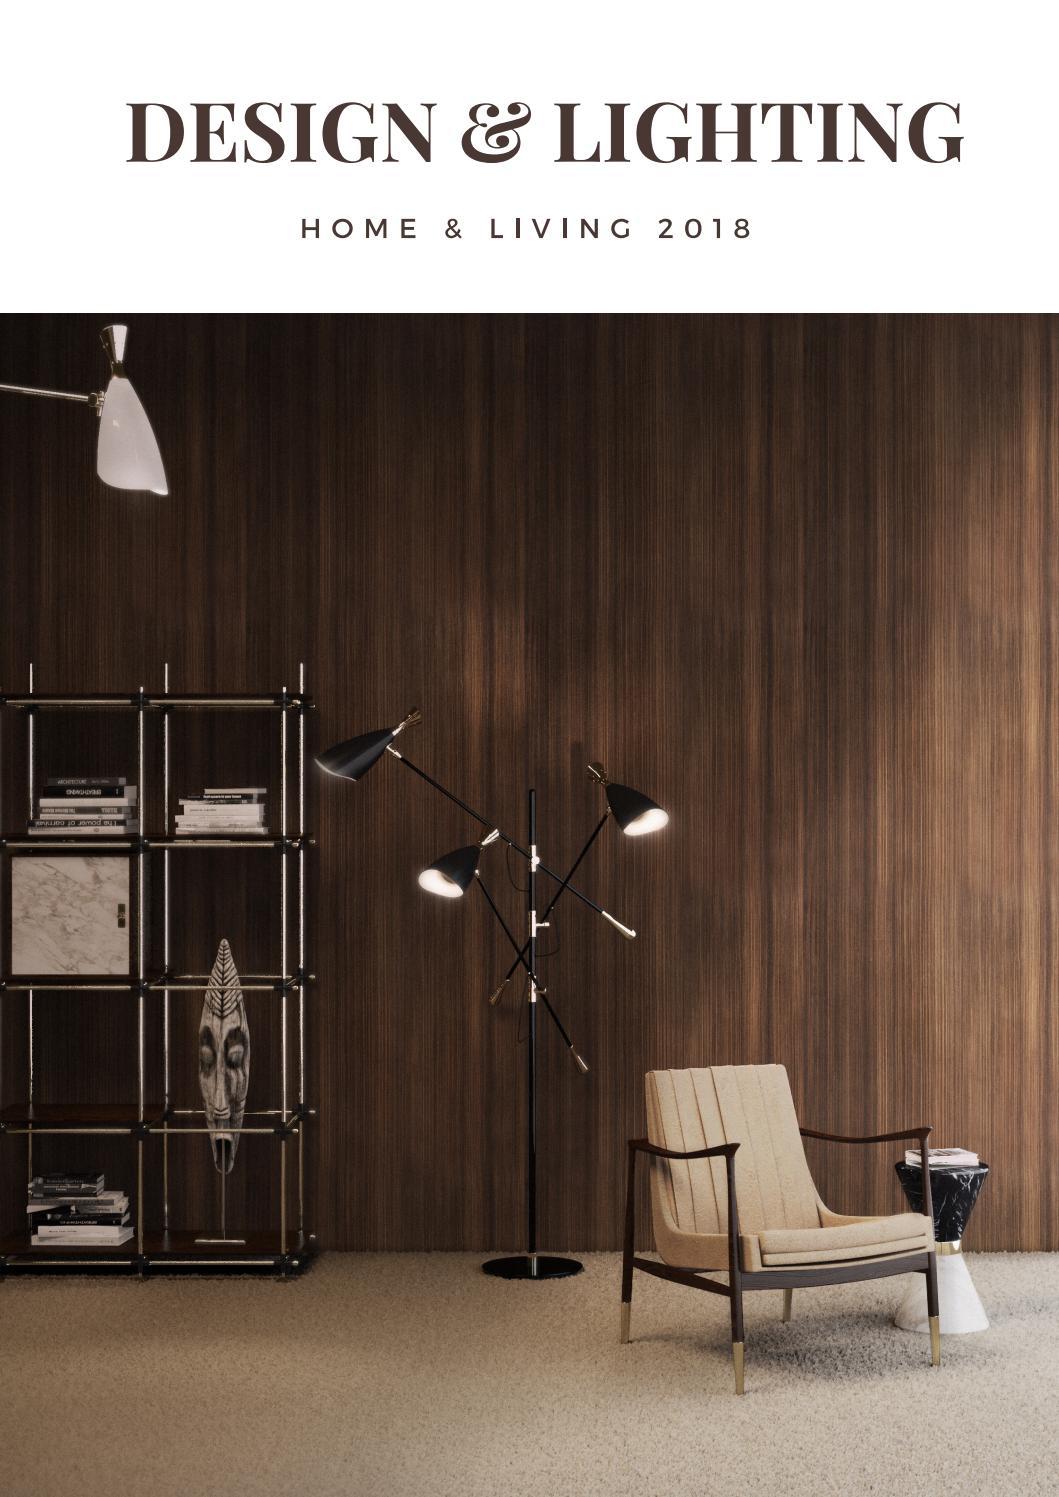 Contemporary lighting decor home ideas interior design for Lighting for interior design book